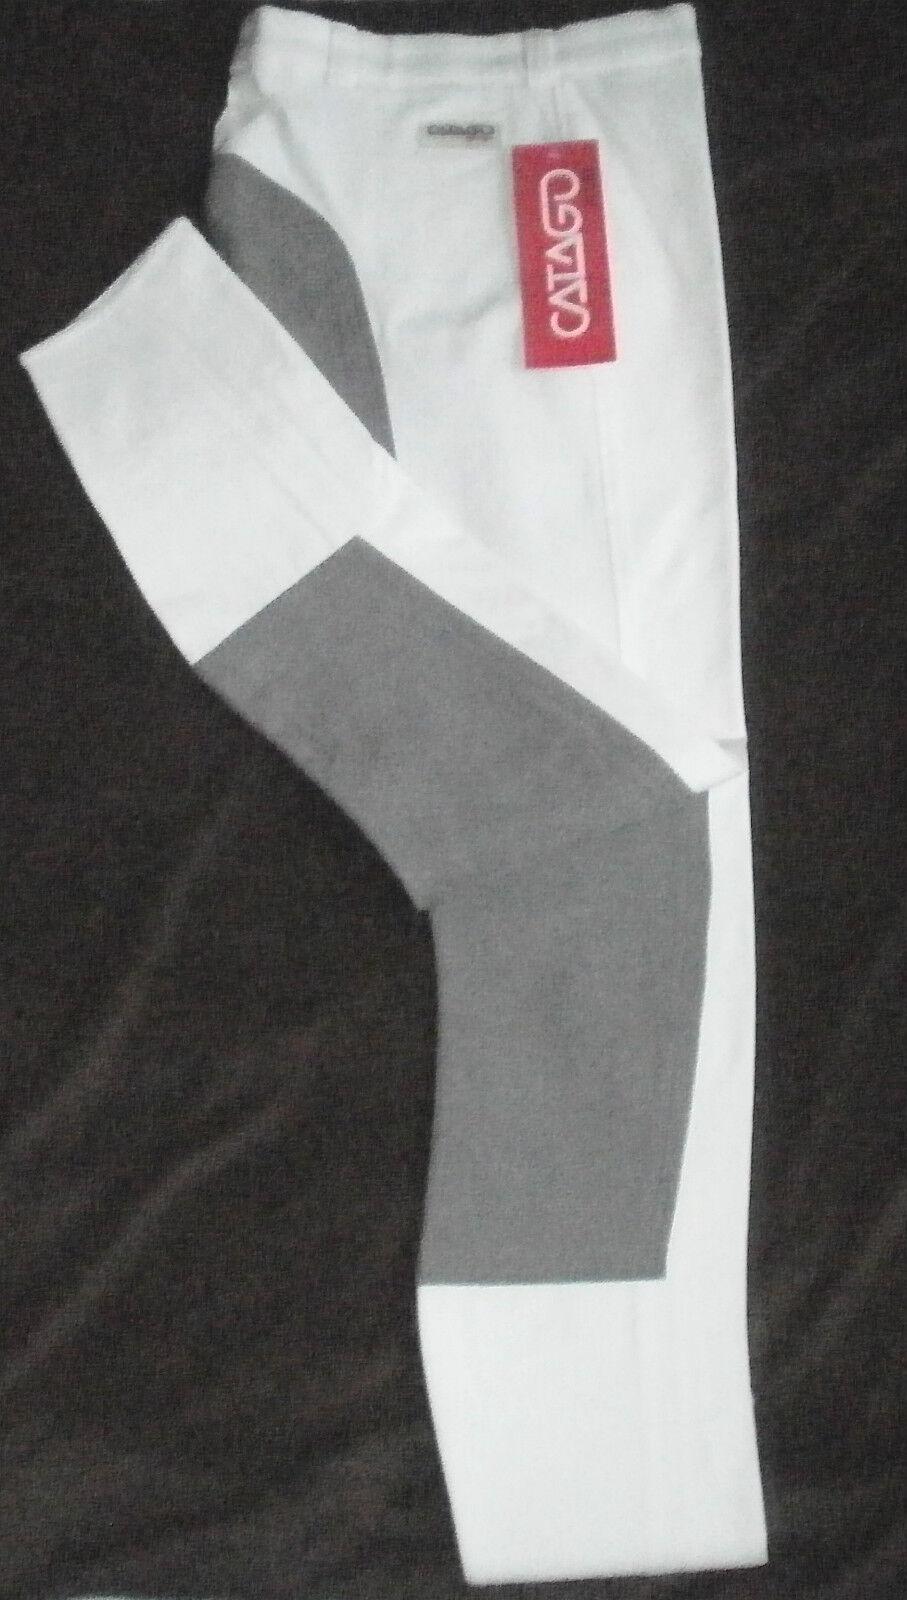 Catago Kinderreithose, 3 4 Vollbesatz,weiß, Gr. 152, Besatz dunkel grau, (162)  | Kaufen Sie beruhigt und glücklich spielen  | Klein und fein  | Heißer Verkauf